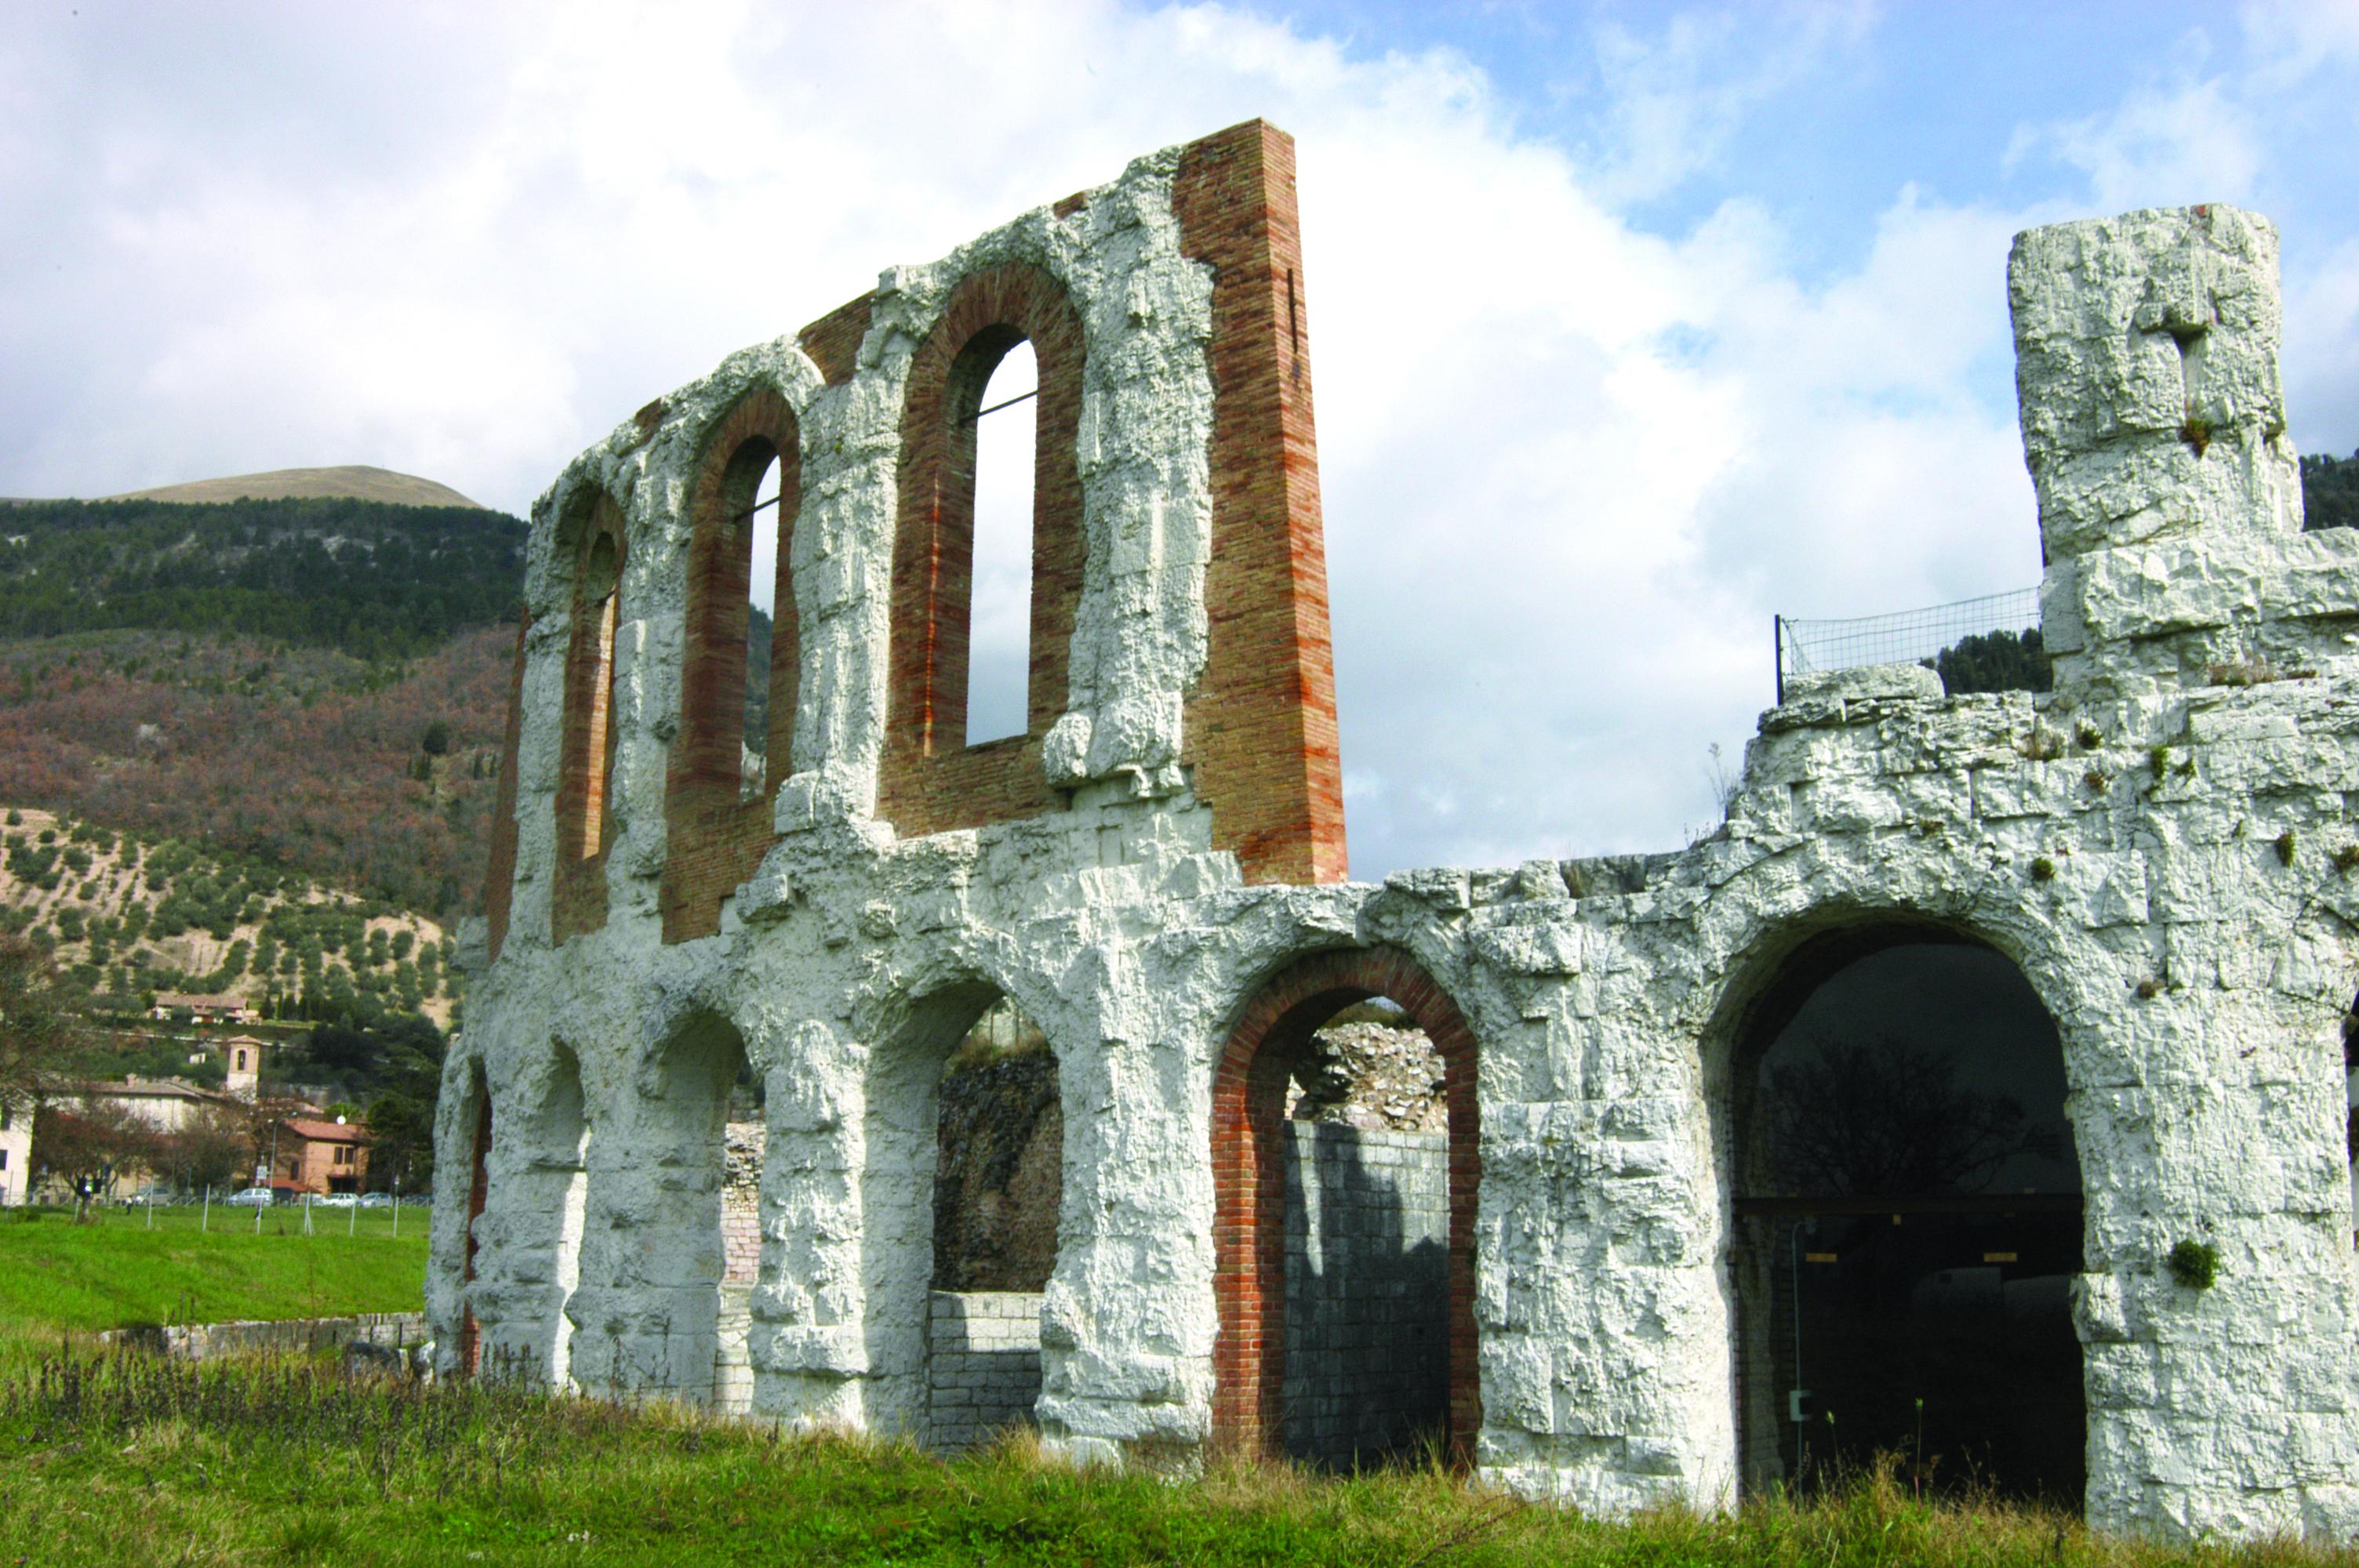 Teatro romano e Antiquarium di Gubbio